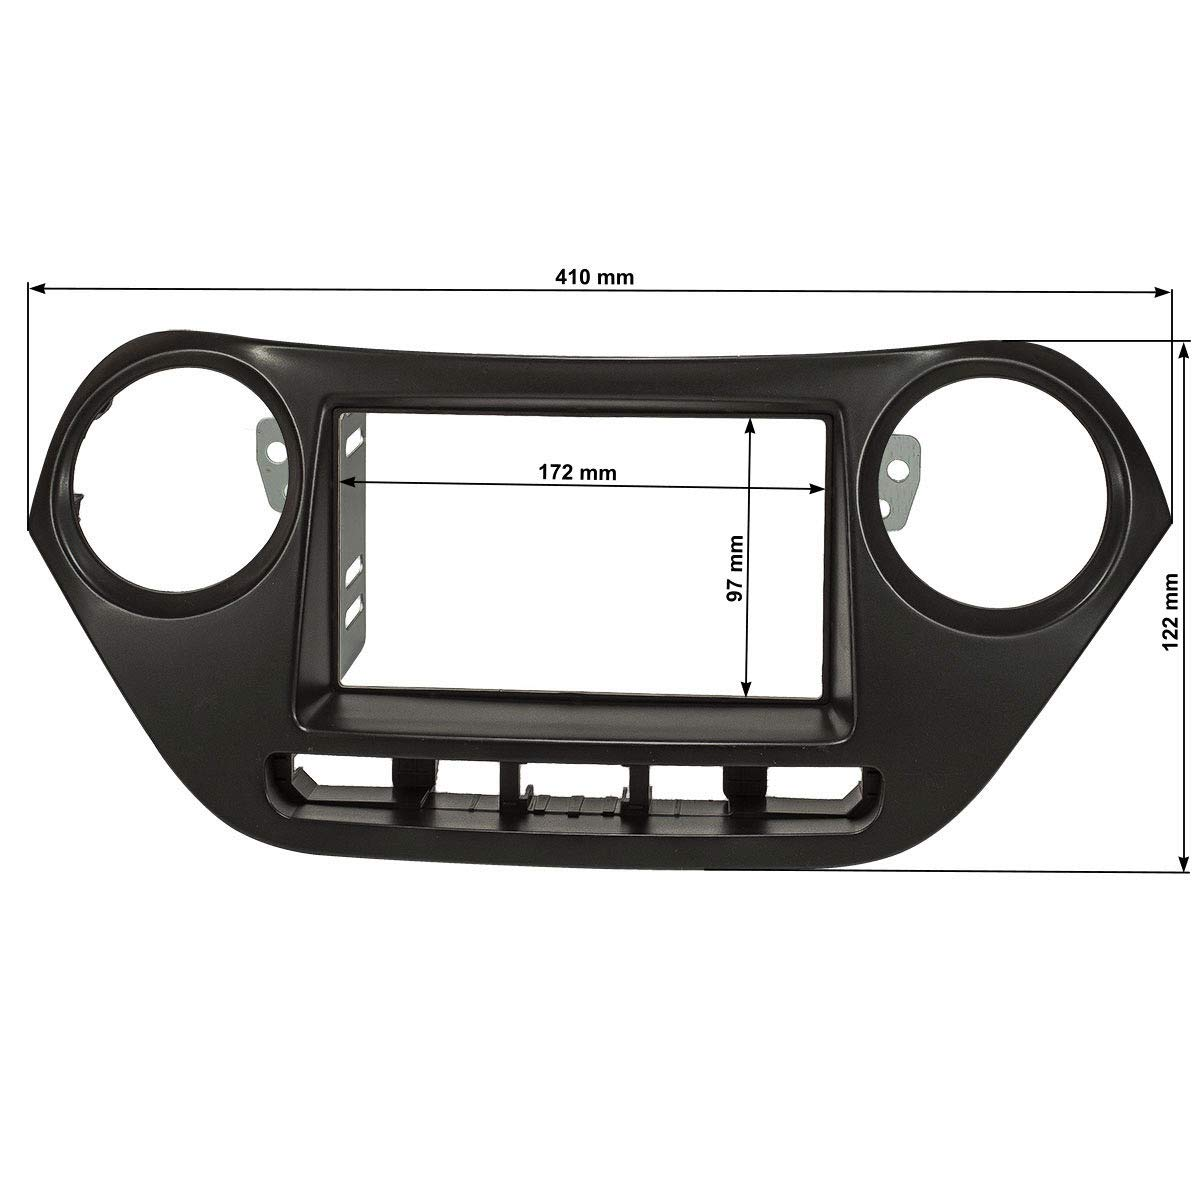 Hyundai ix35 Autoradio Blende Einbau Rahmen Doppel 2-DIN Radioblende Halterung